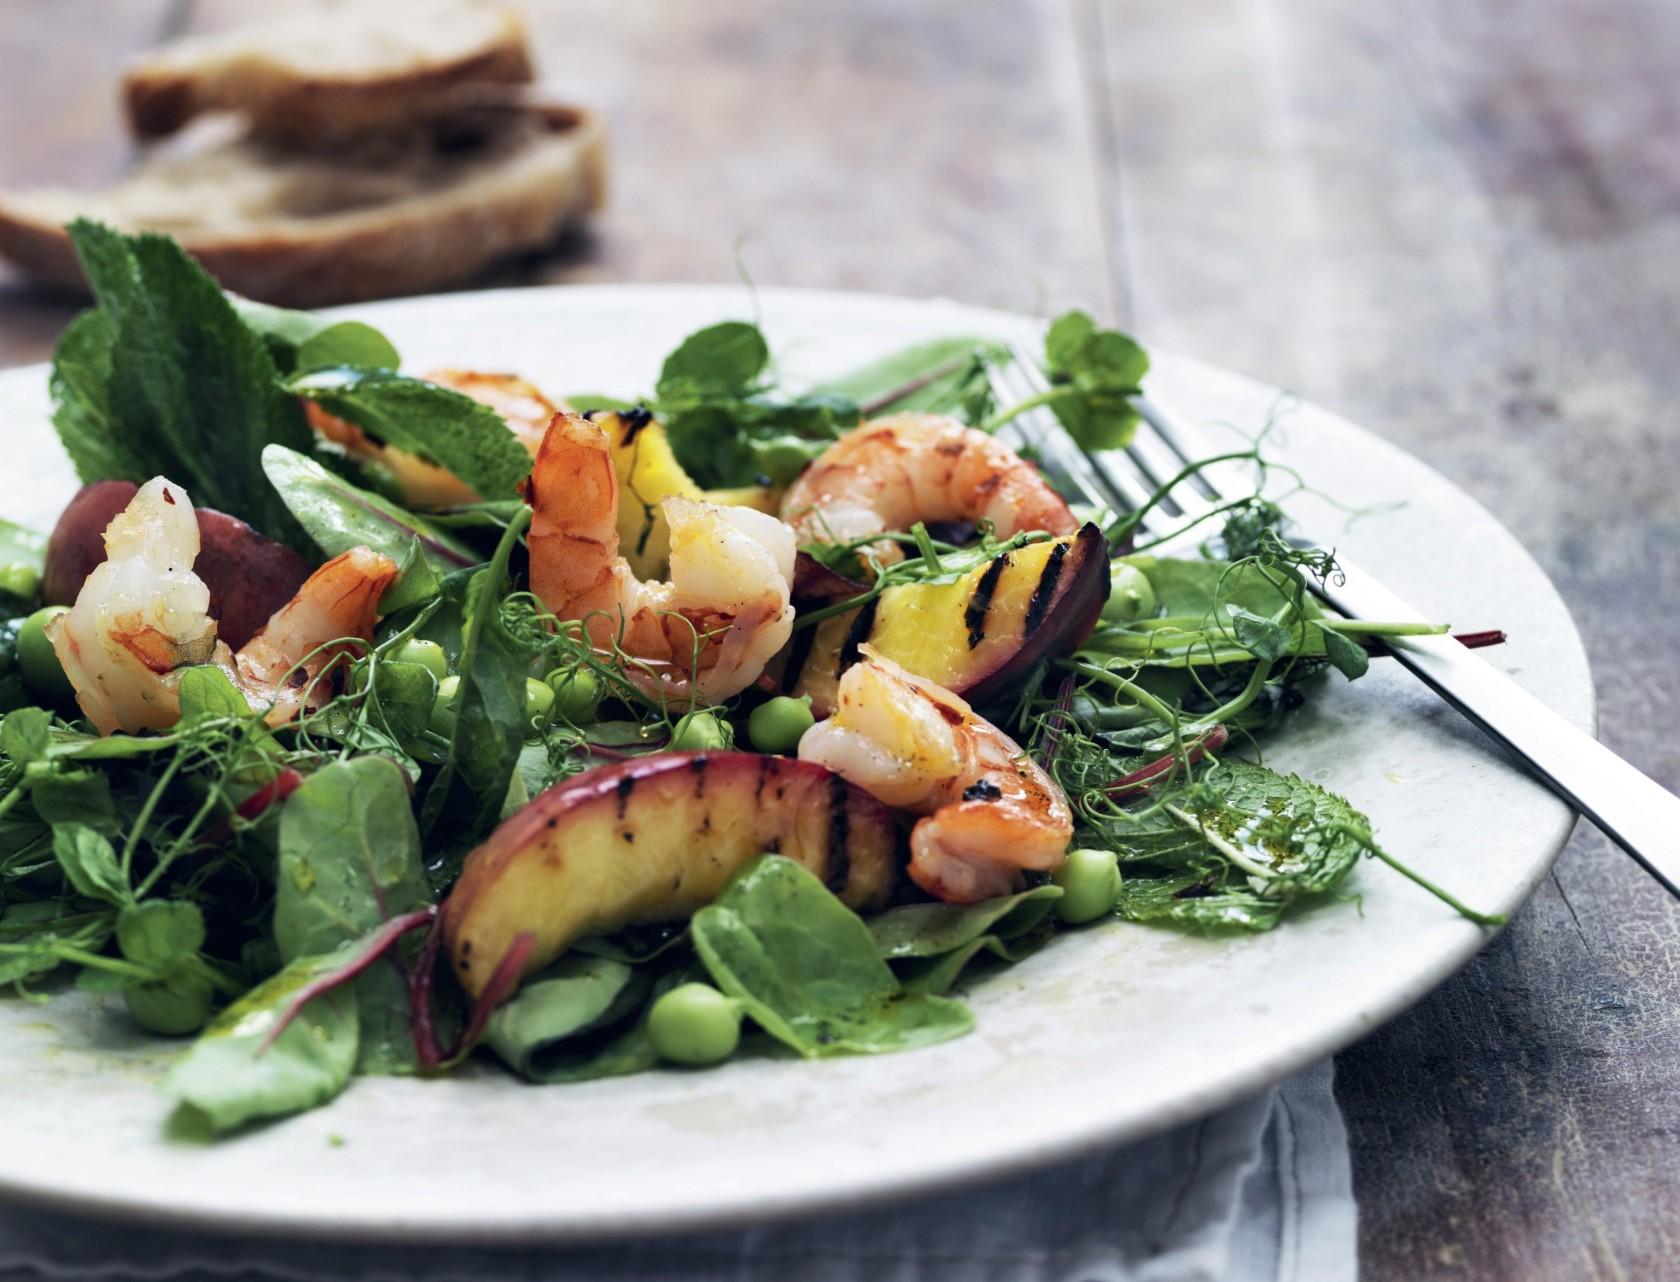 Lækker salat med rejer og fersken.